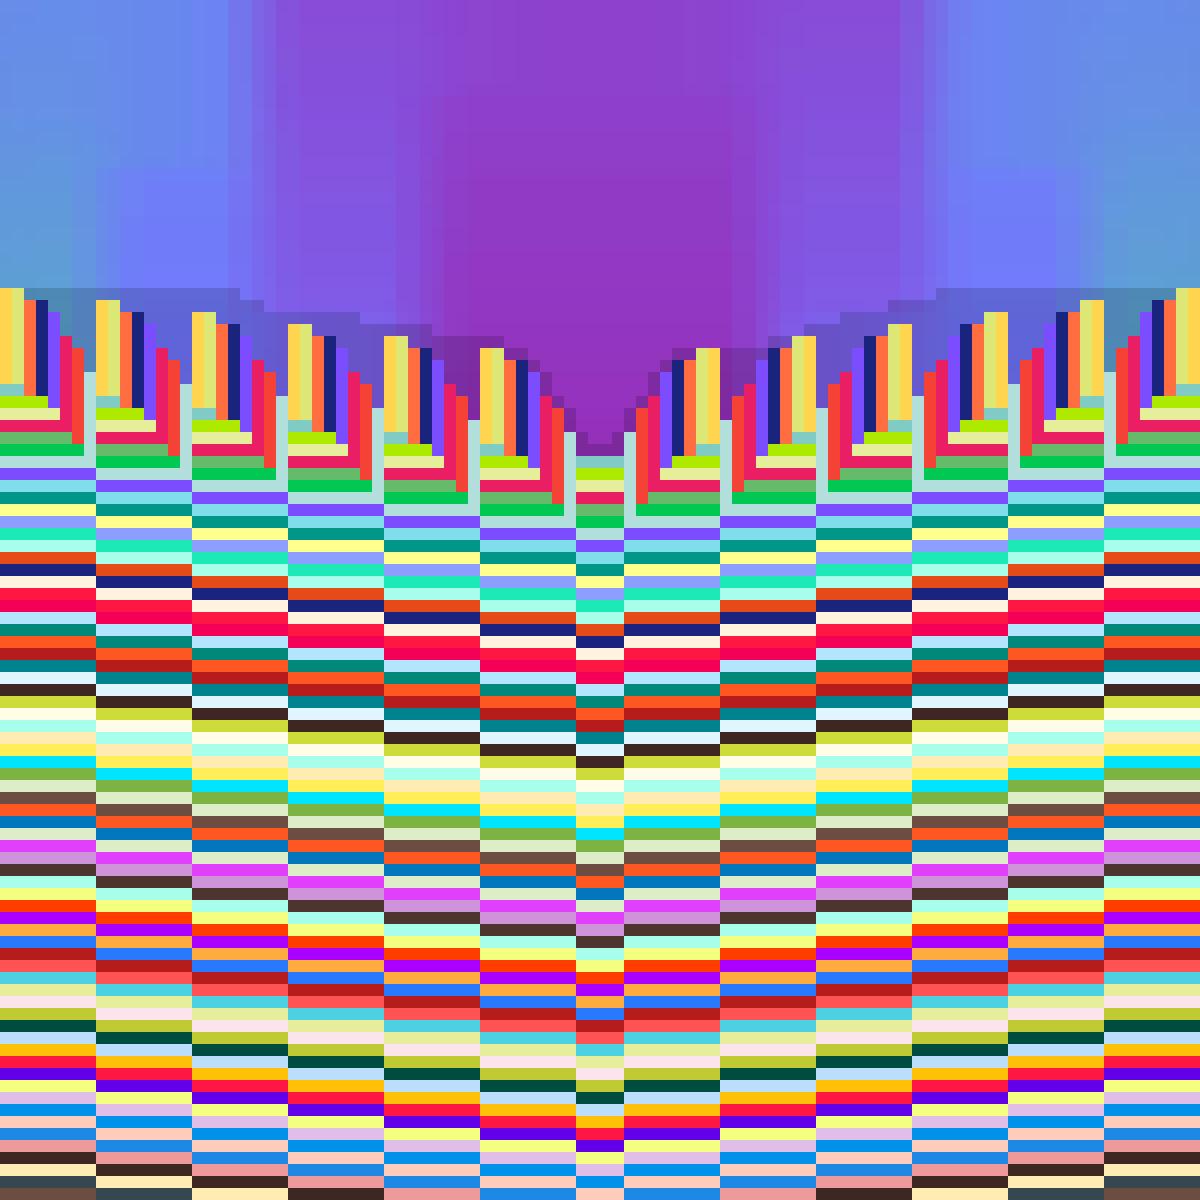 Rainbow Skyedpillars by PrincessPika